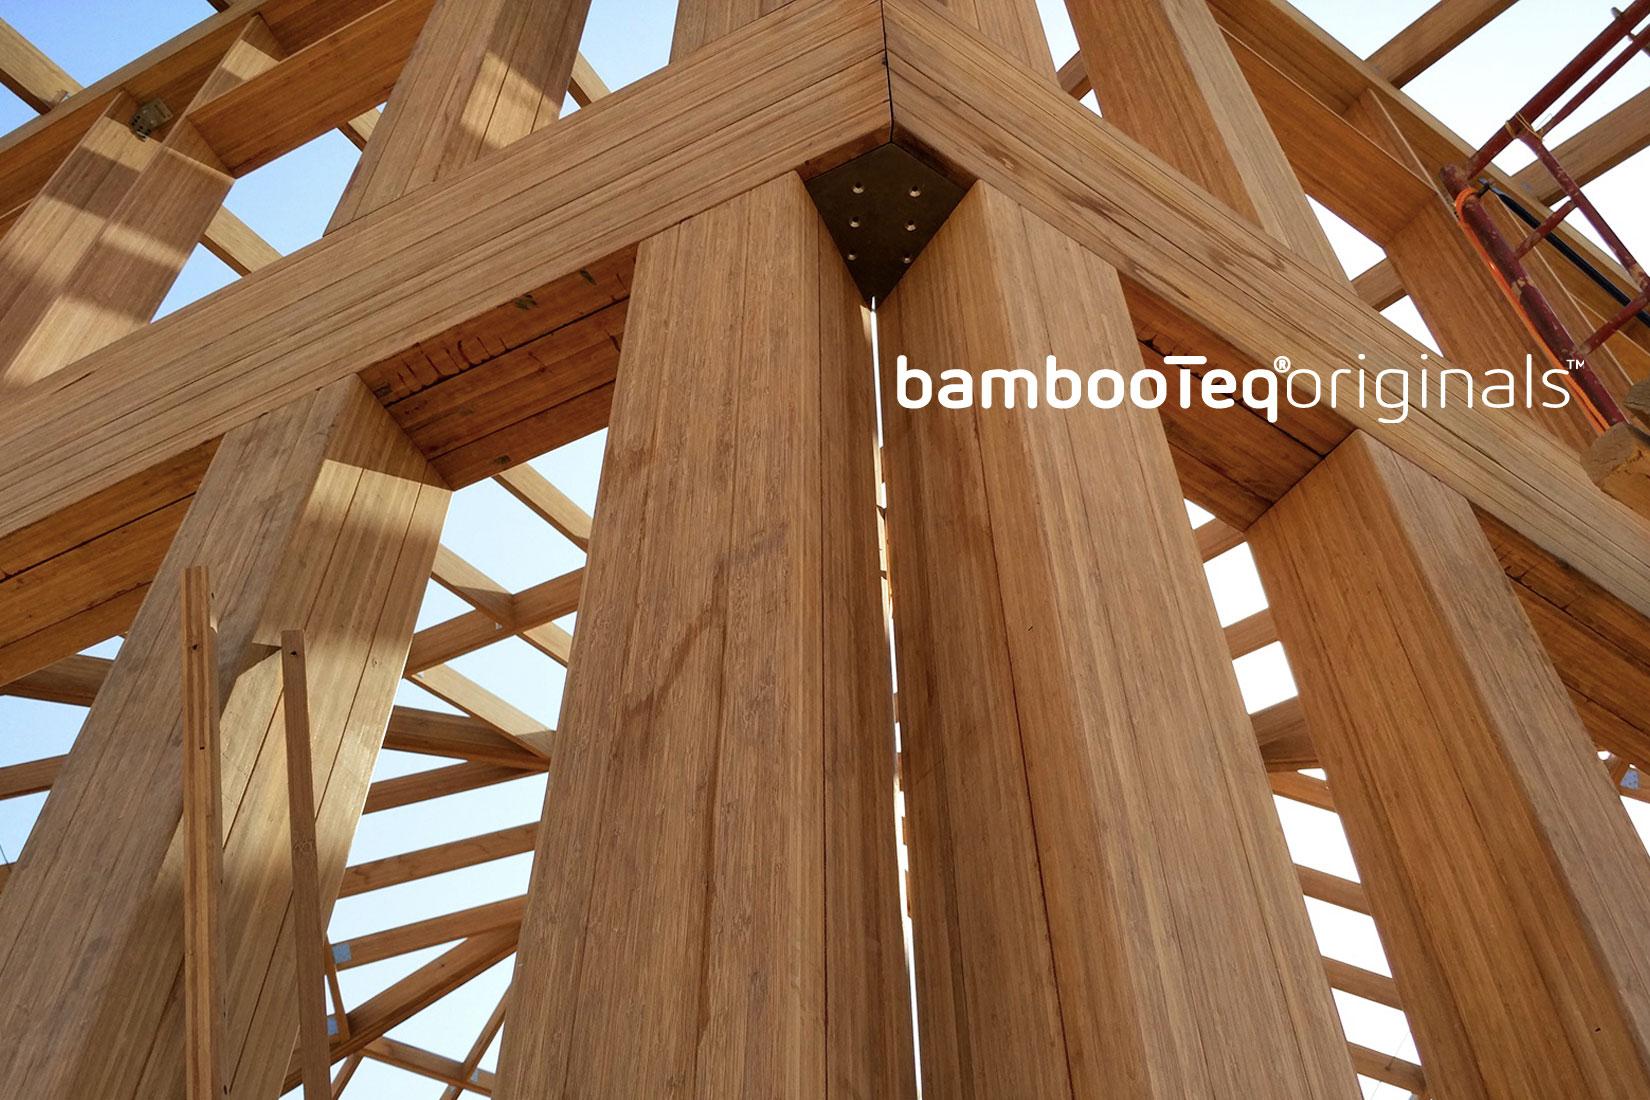 Van houtskeletbouw naar bamboeskeltbouw